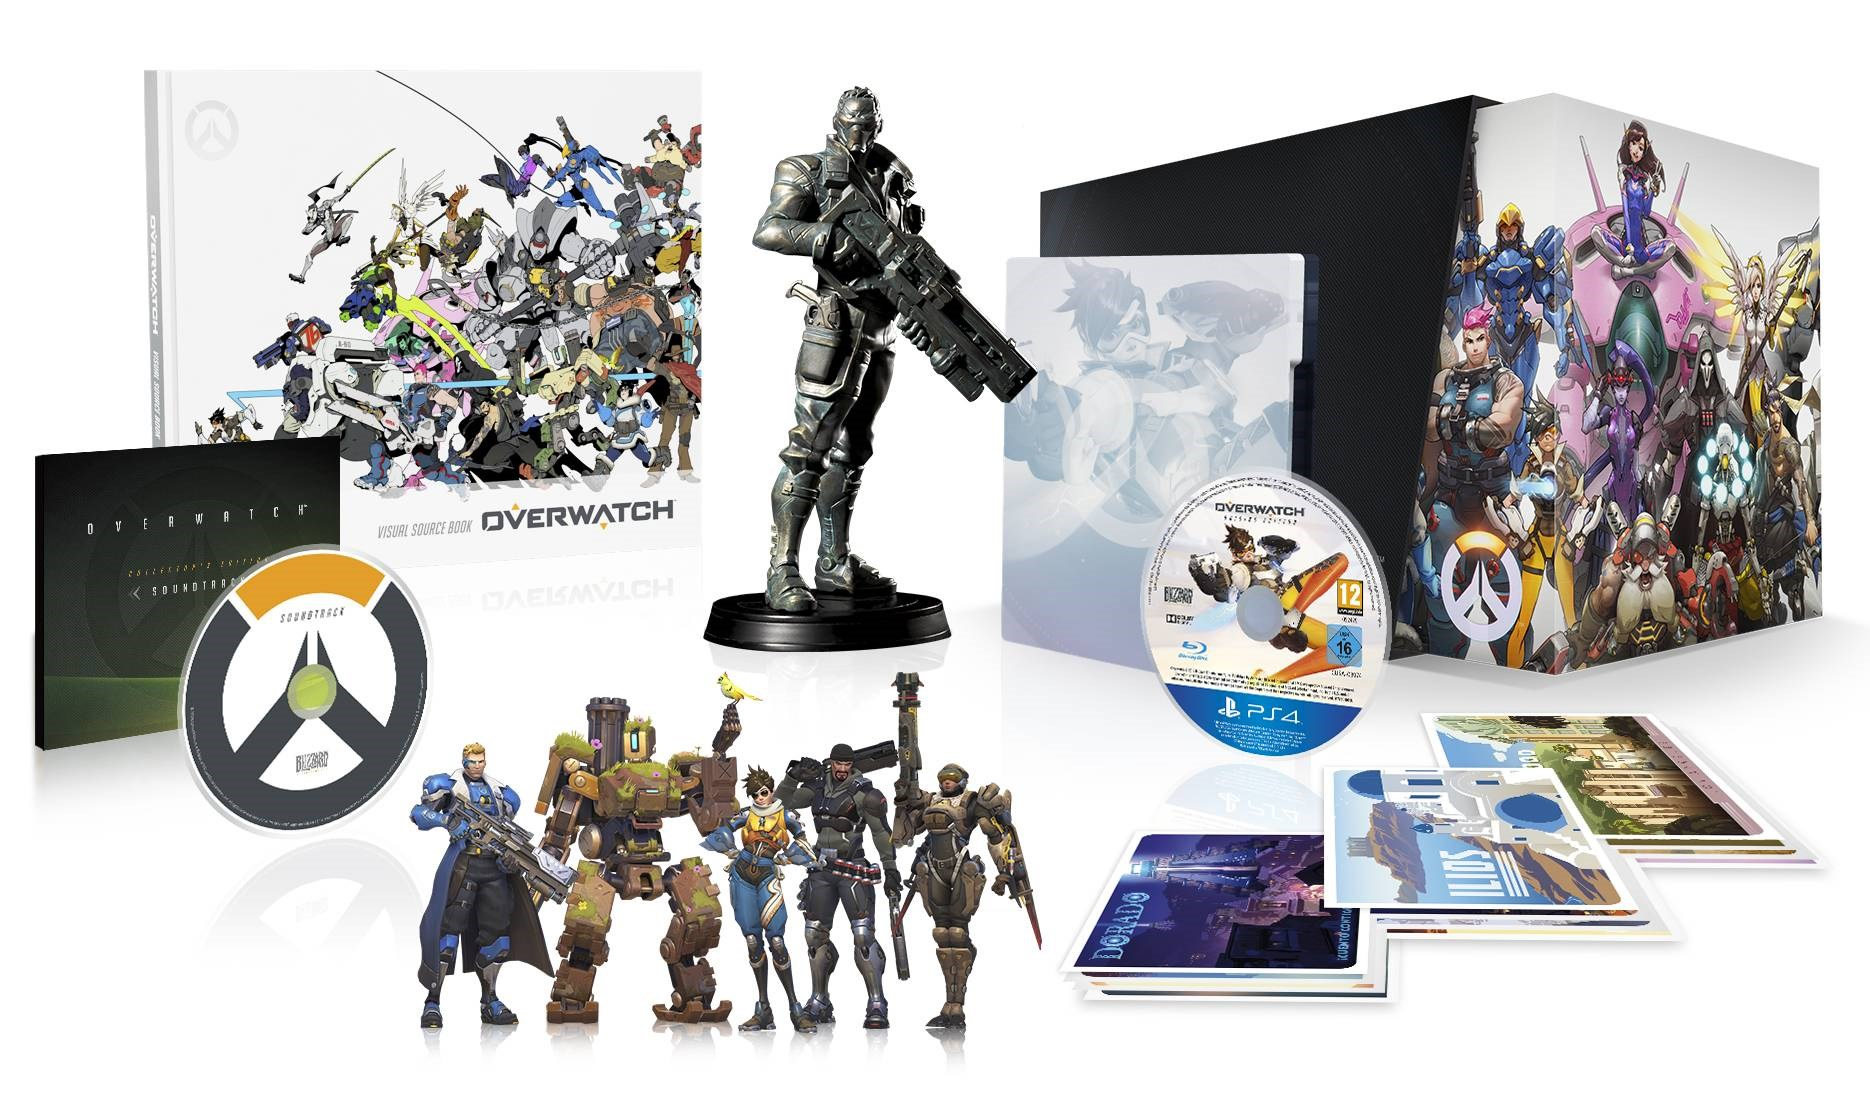 Overwatch: розничные комплекты предзаказа и коллекционное издание